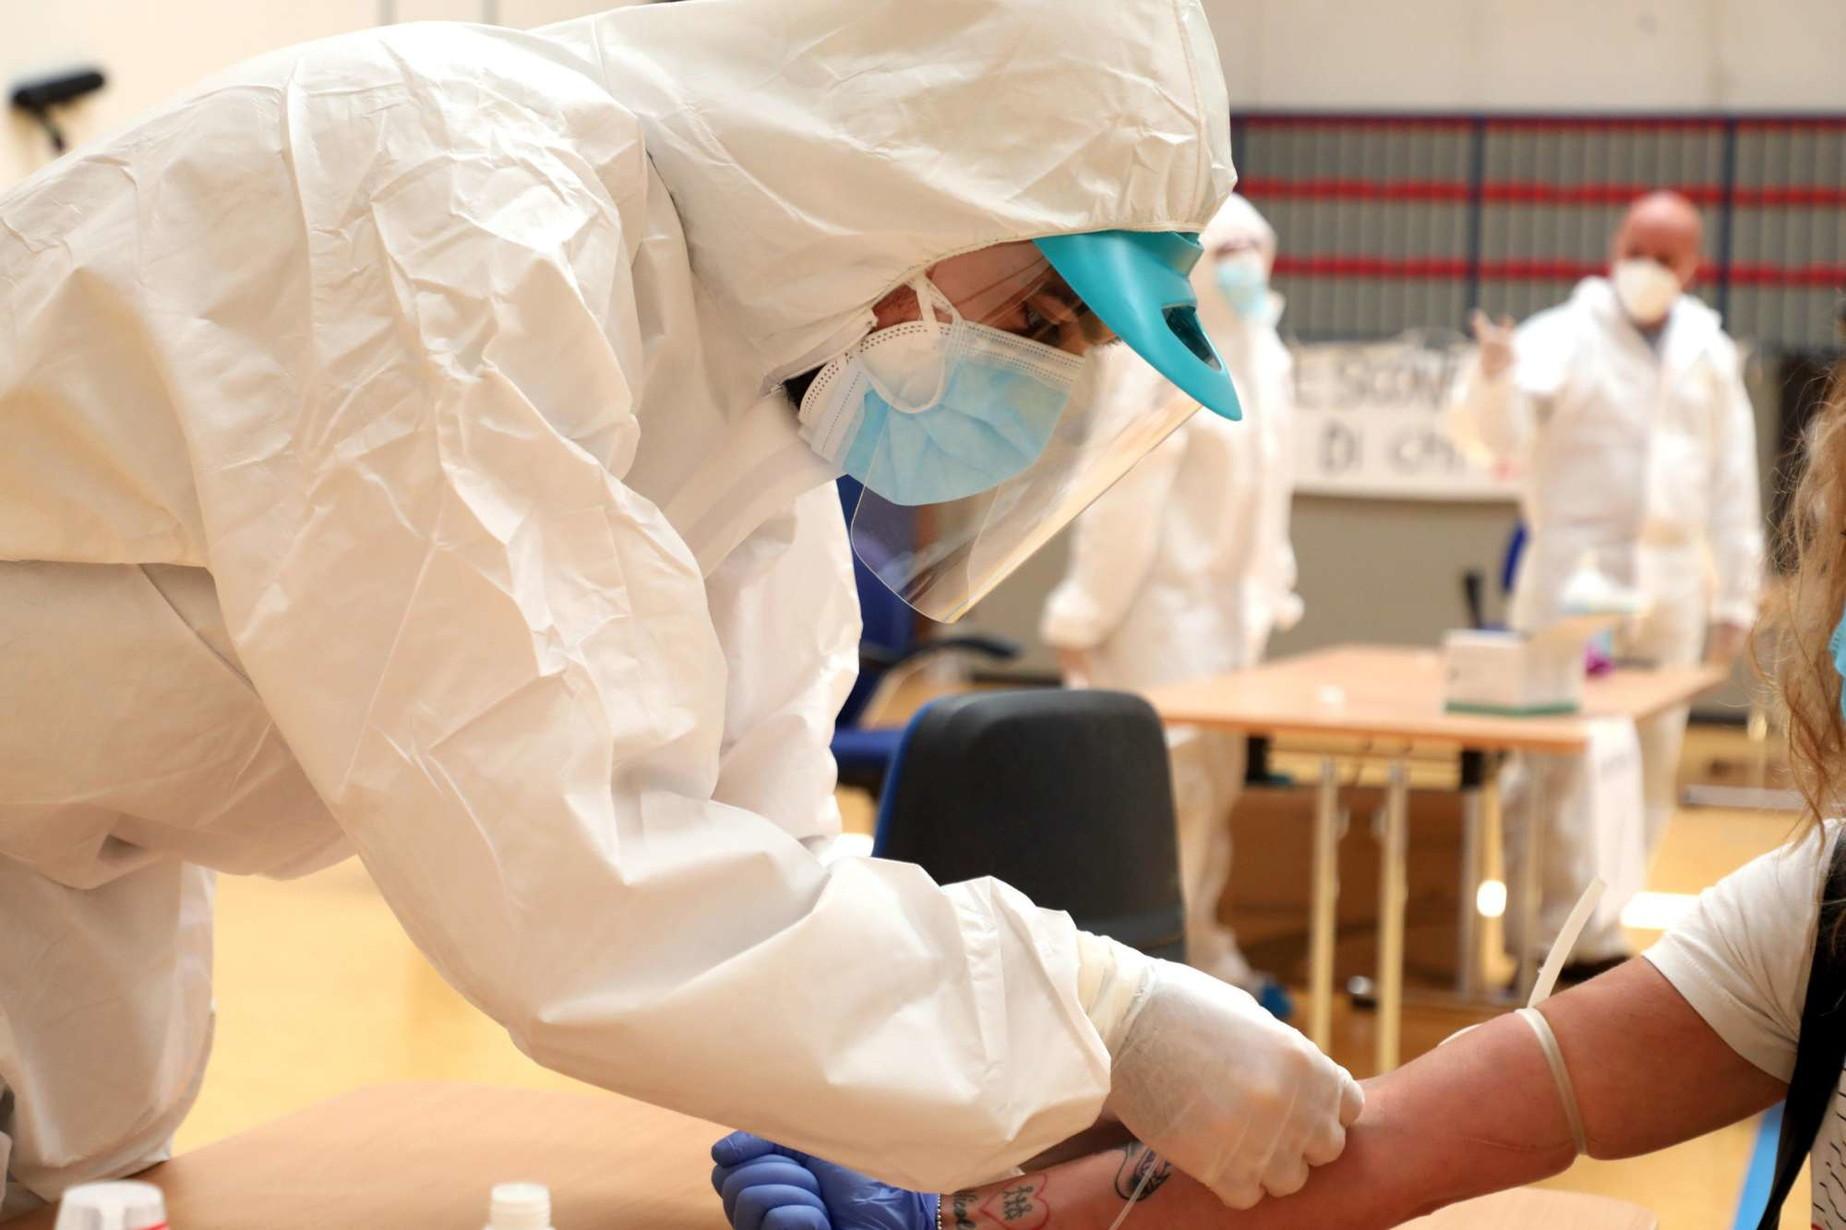 Il Covid-19 è nato nei laboratori di Wuhan? L'inquietante articolo del Washington Post